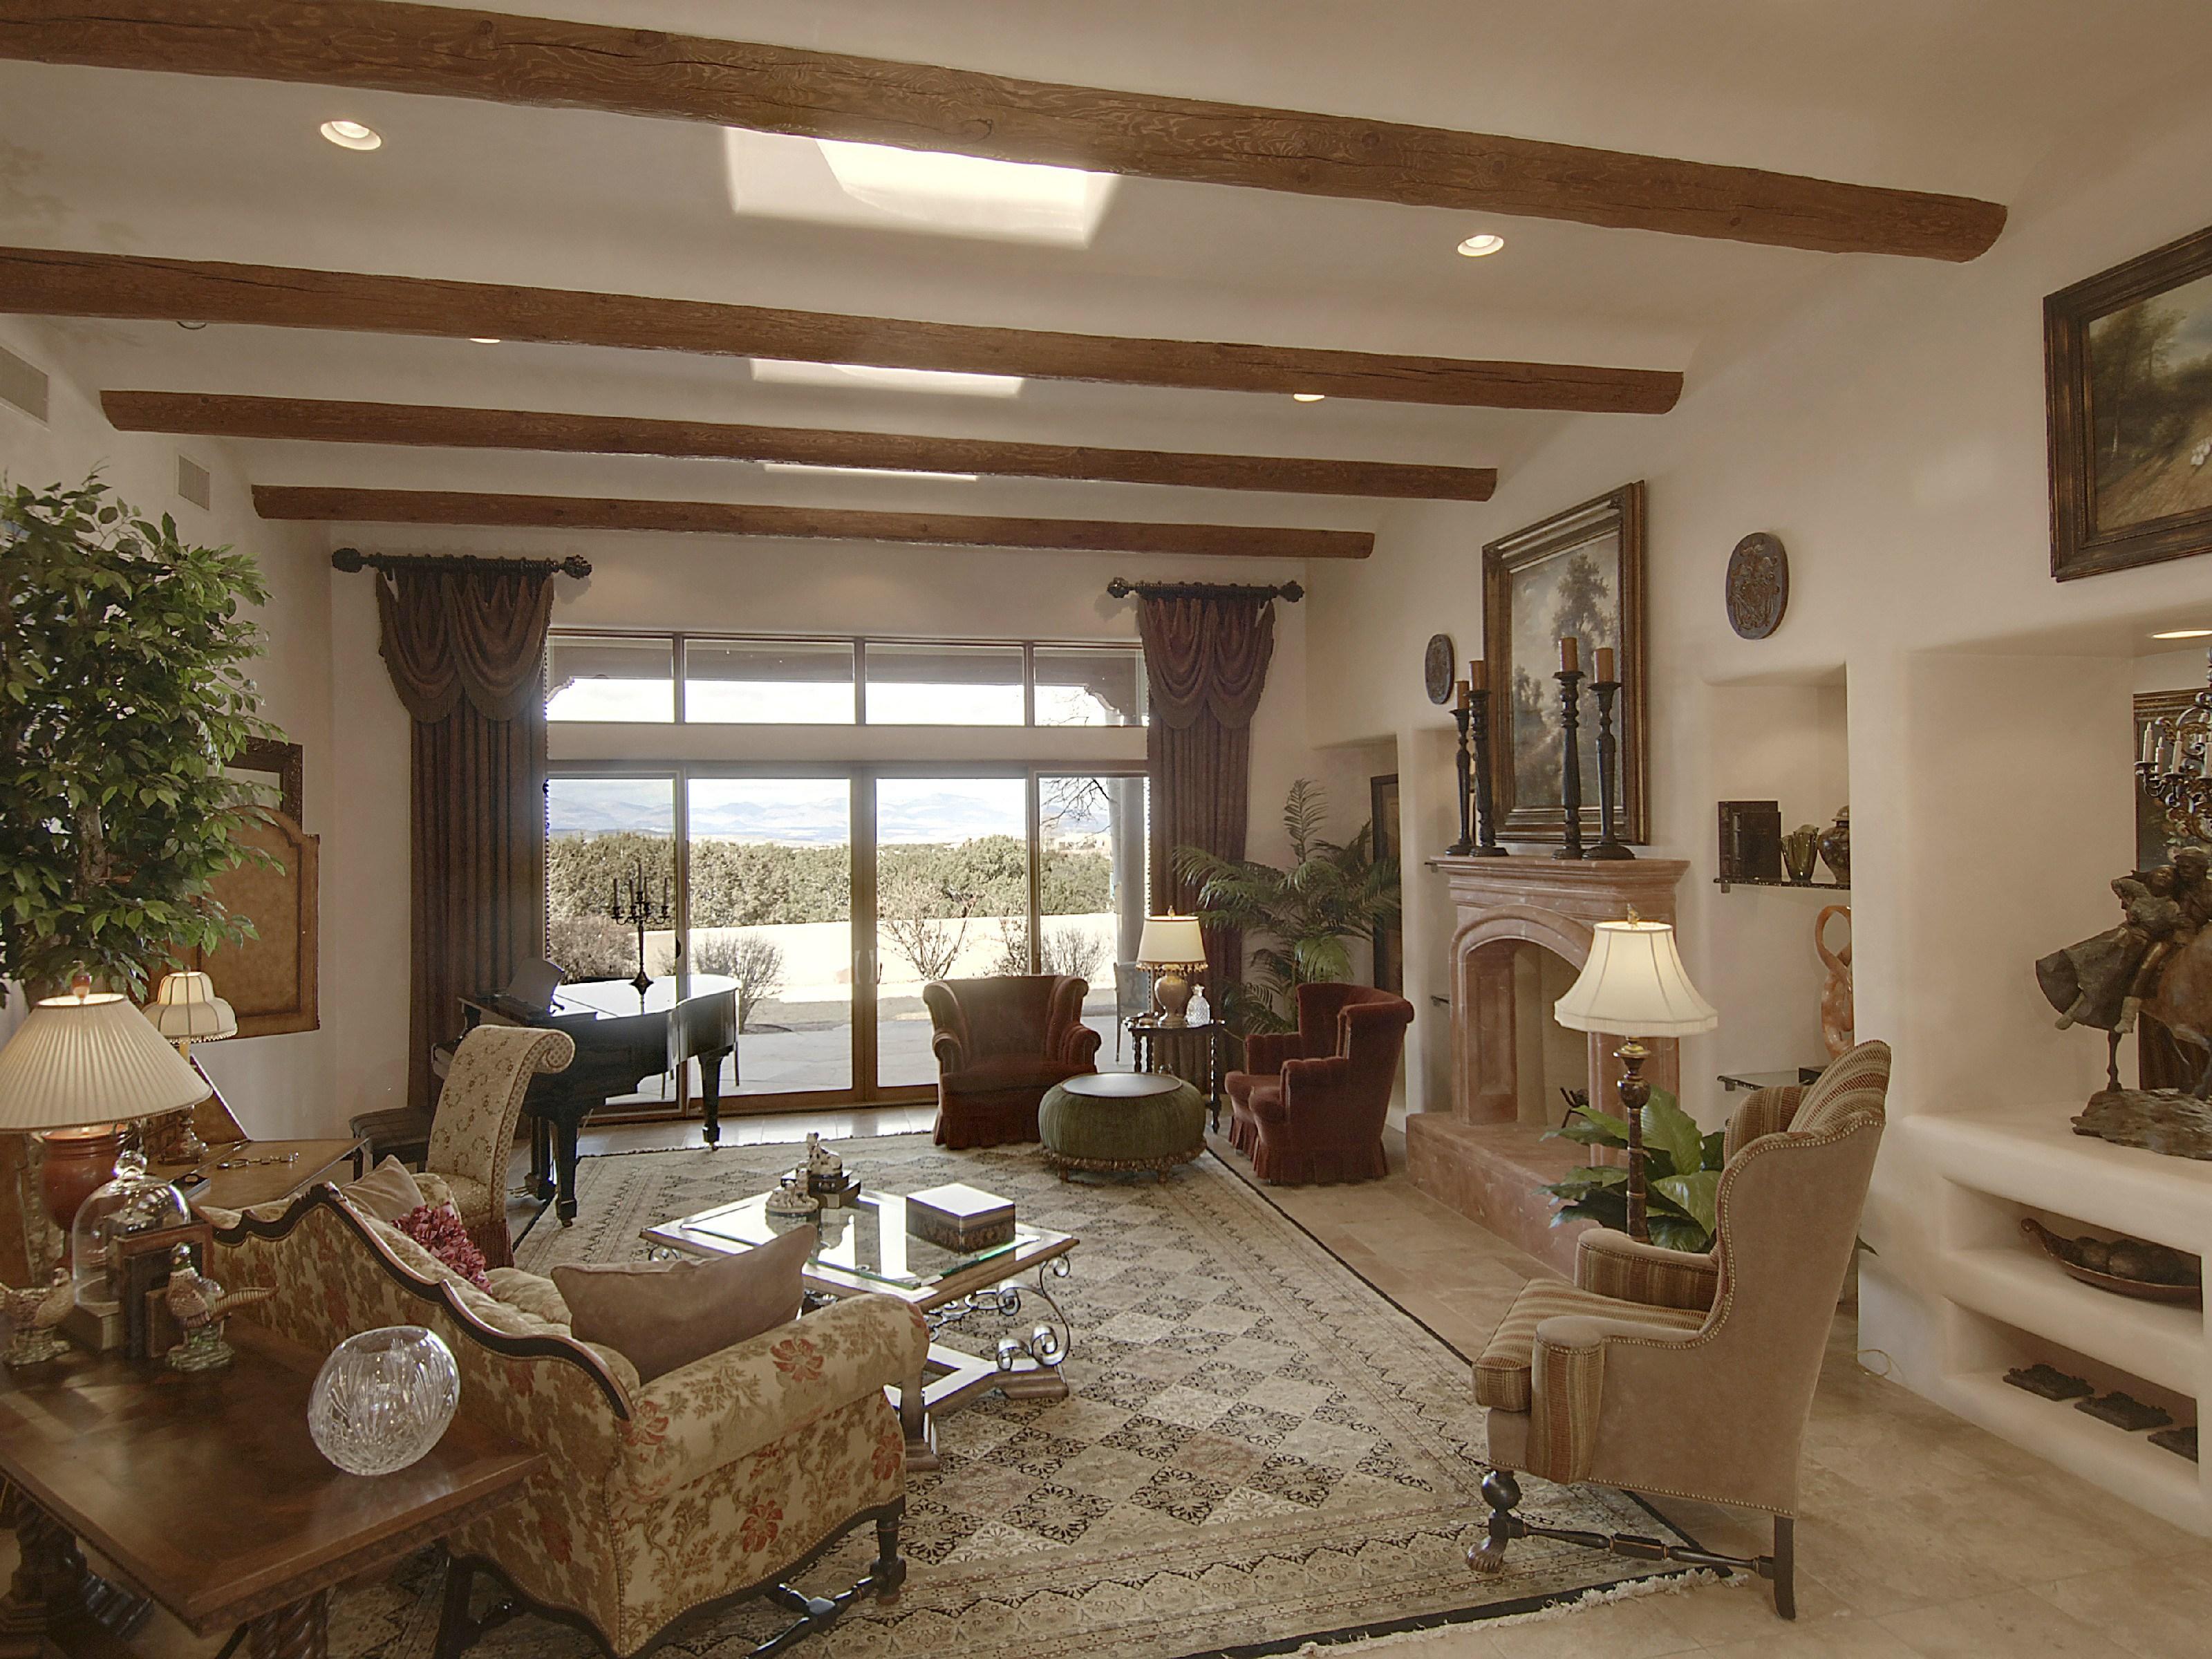 Property For Sale at 16 East Golden Eagle Road